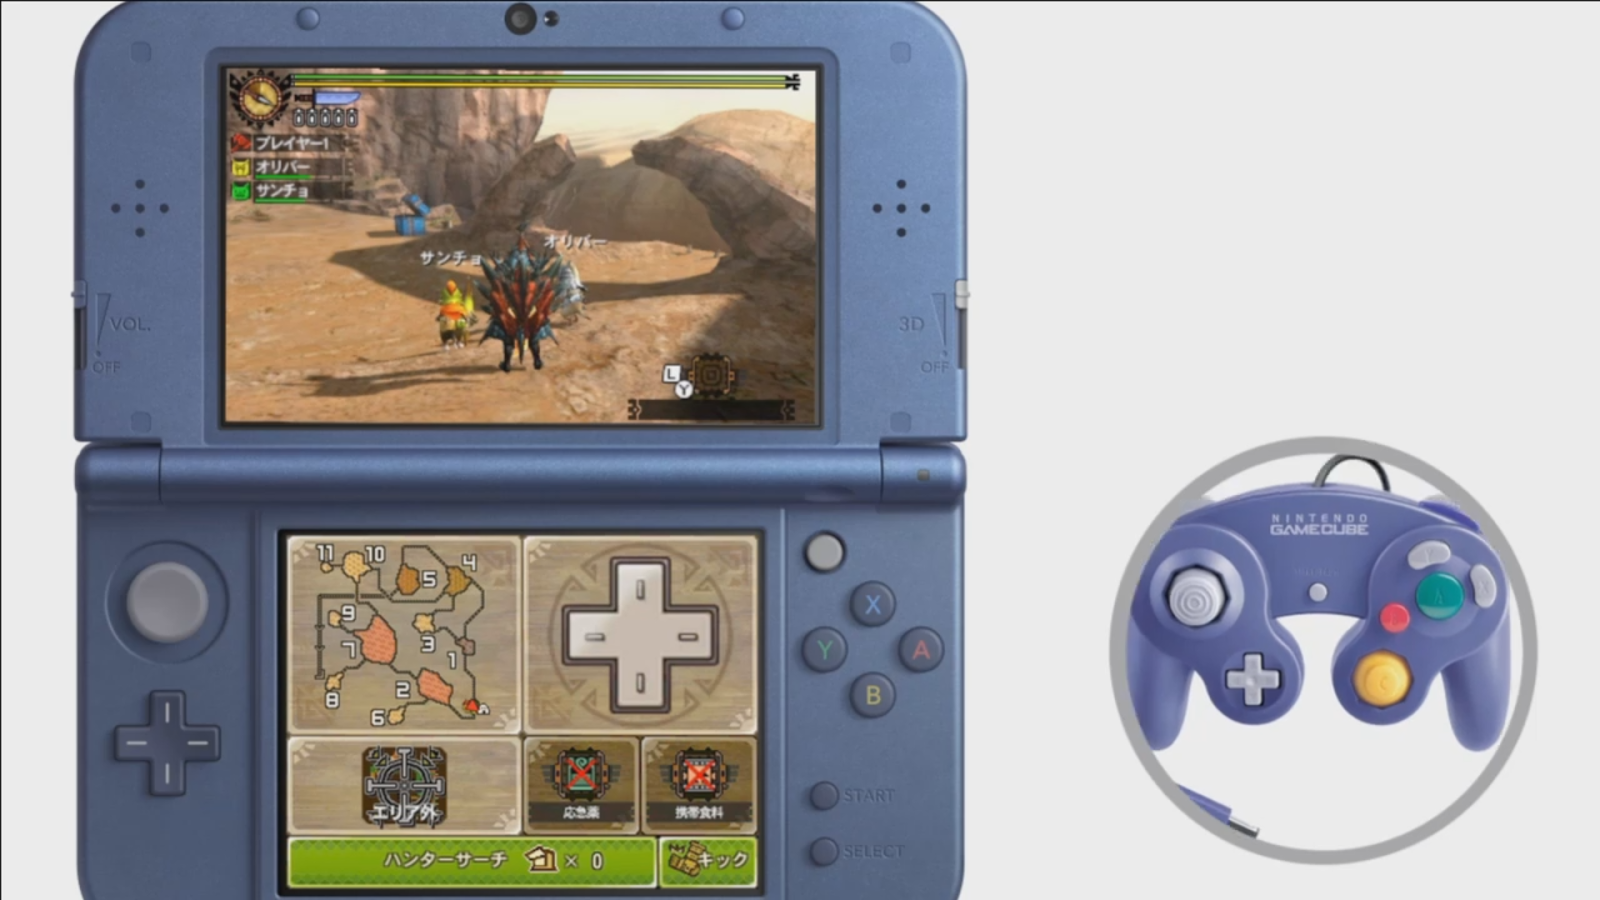 [GAMES] New Nintendo 3DS - Trava de região confirmada! Jde21h7aoj0eyfcaevba